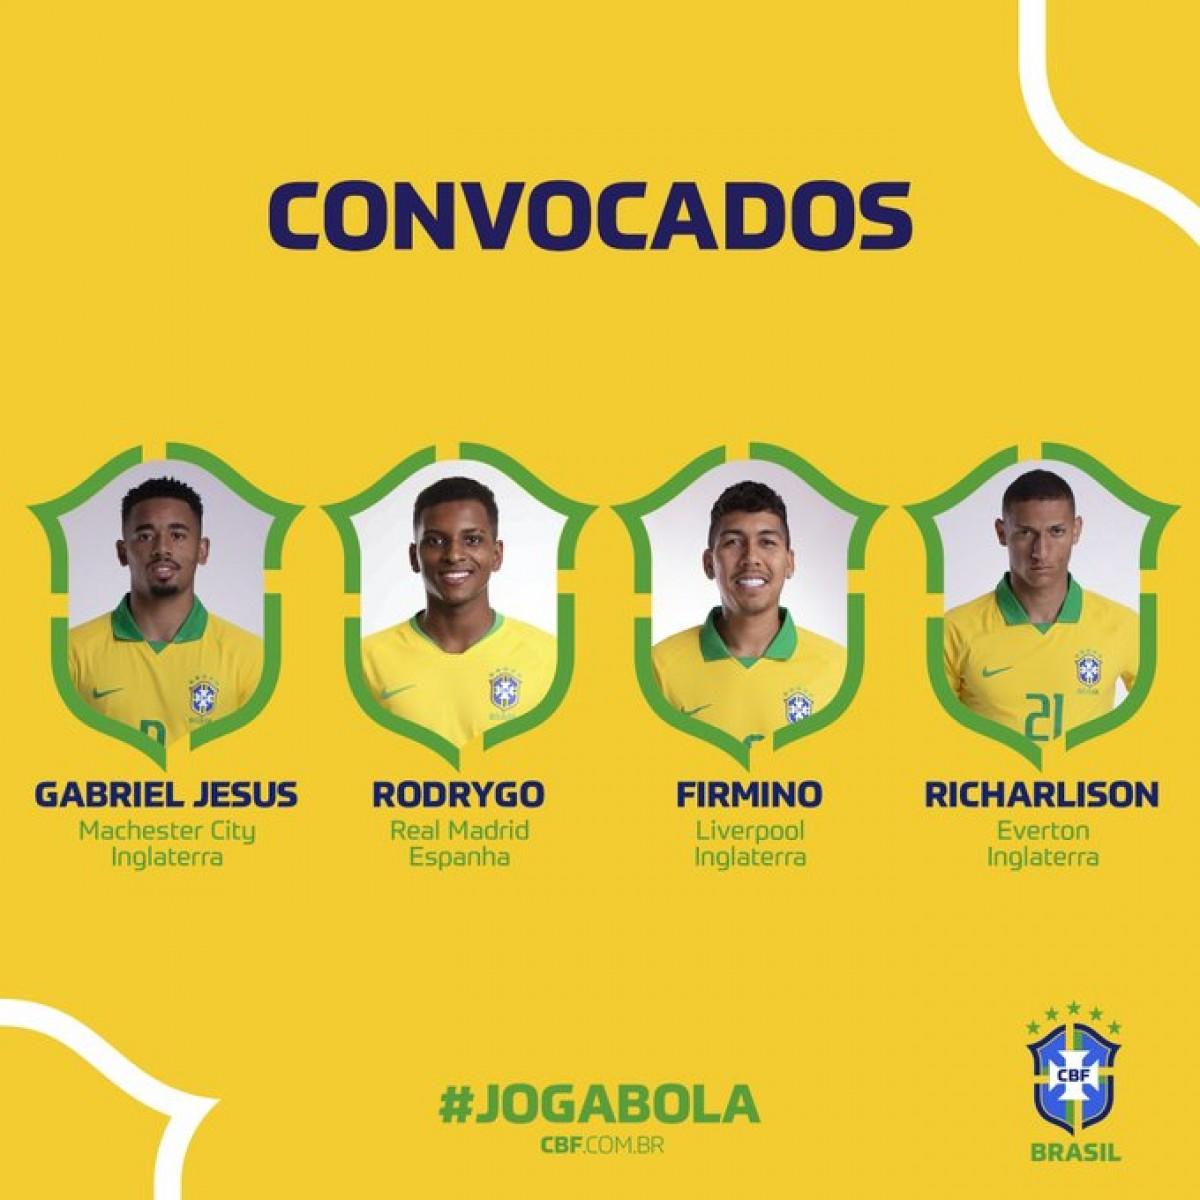 Tite anuncia convocados para início das Eliminatórias da Copa de 2022 (Imagem: Reprodução/ Twitter/ @CBF_Futebol)